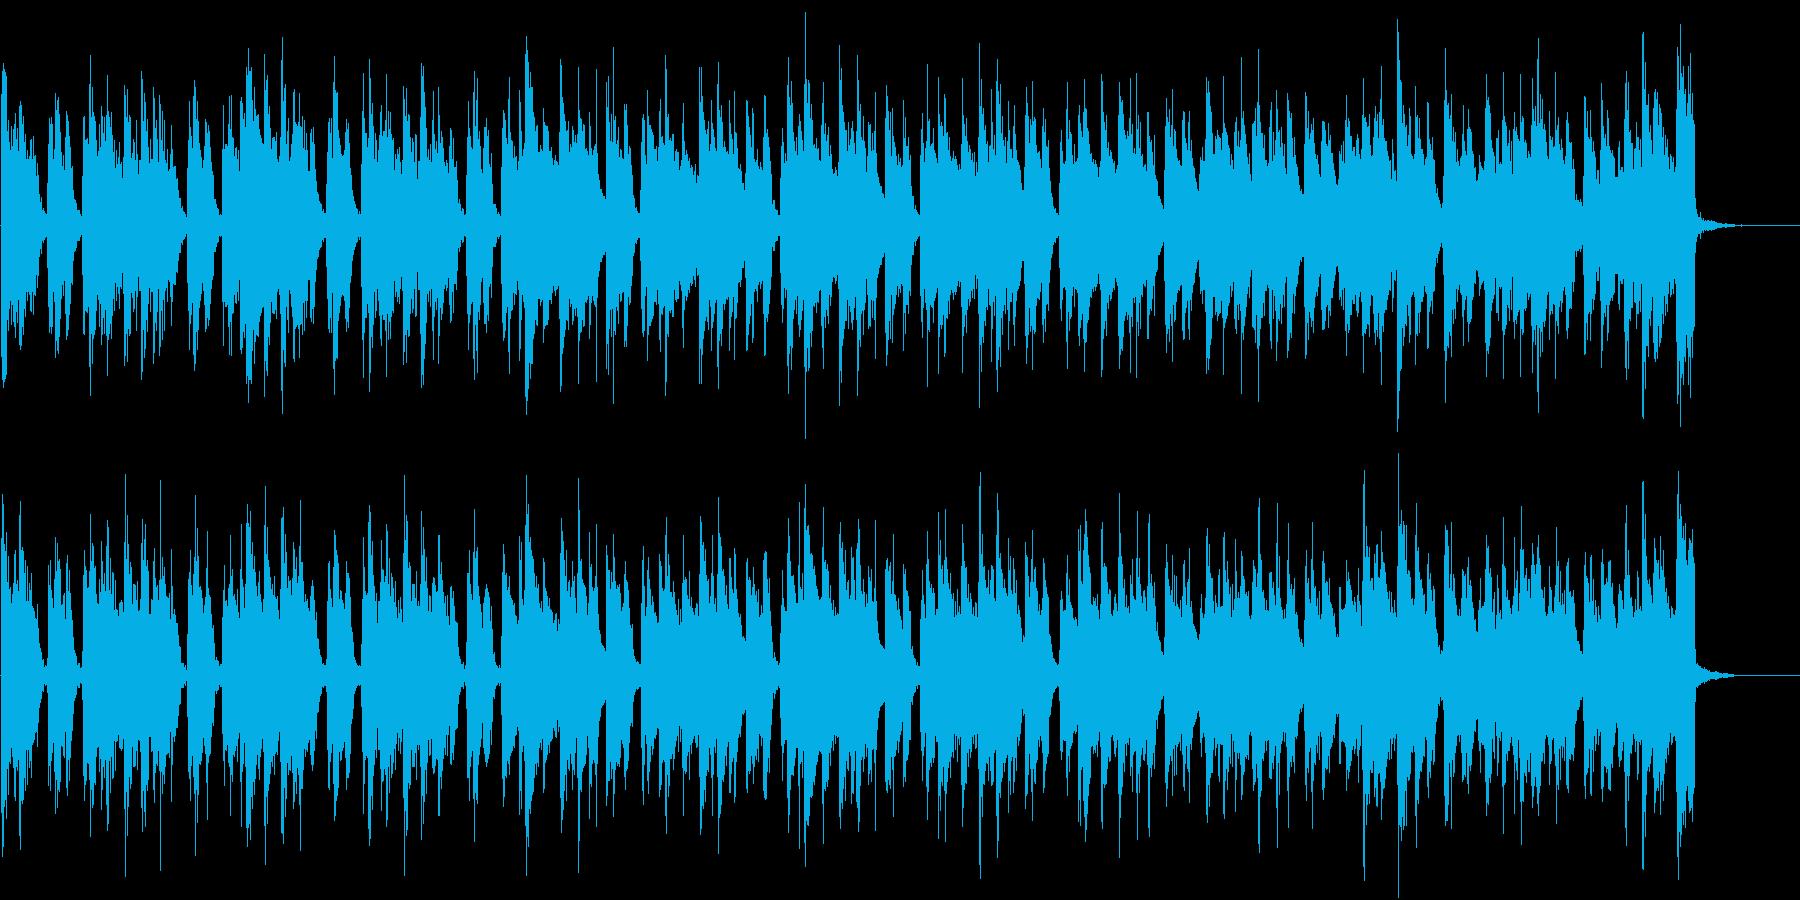 渋めのフレーズのアコギBGMの再生済みの波形